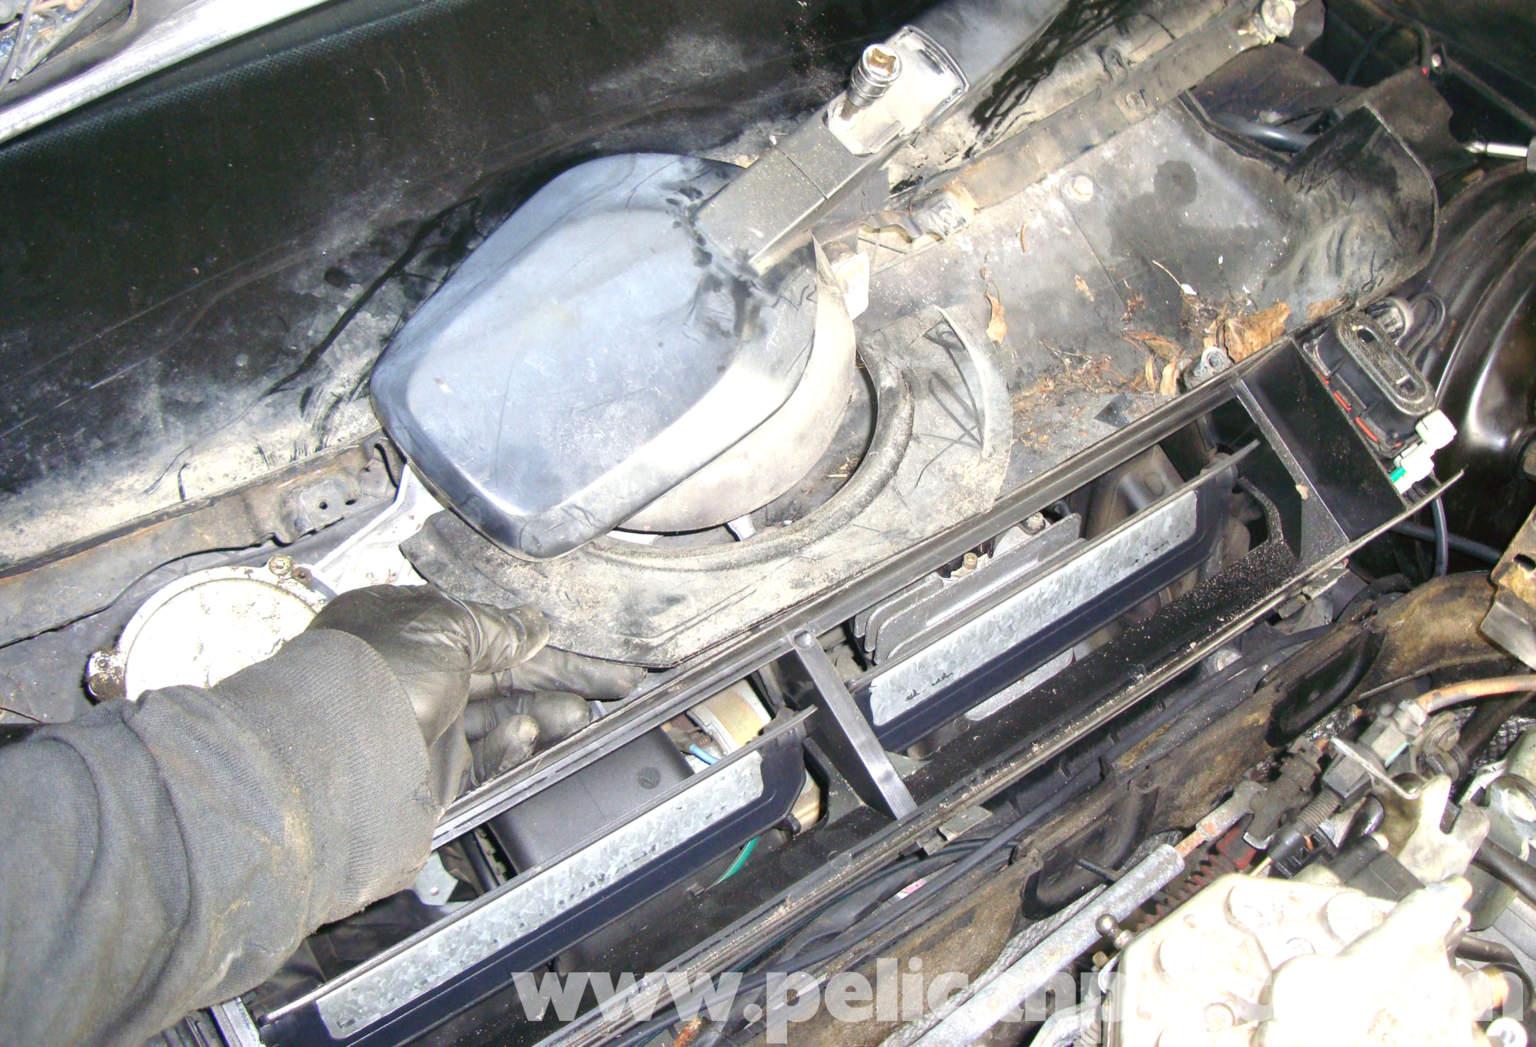 Mercedes benz r129 windshield wiper motor replacement for Mercedes benz windshield wipers